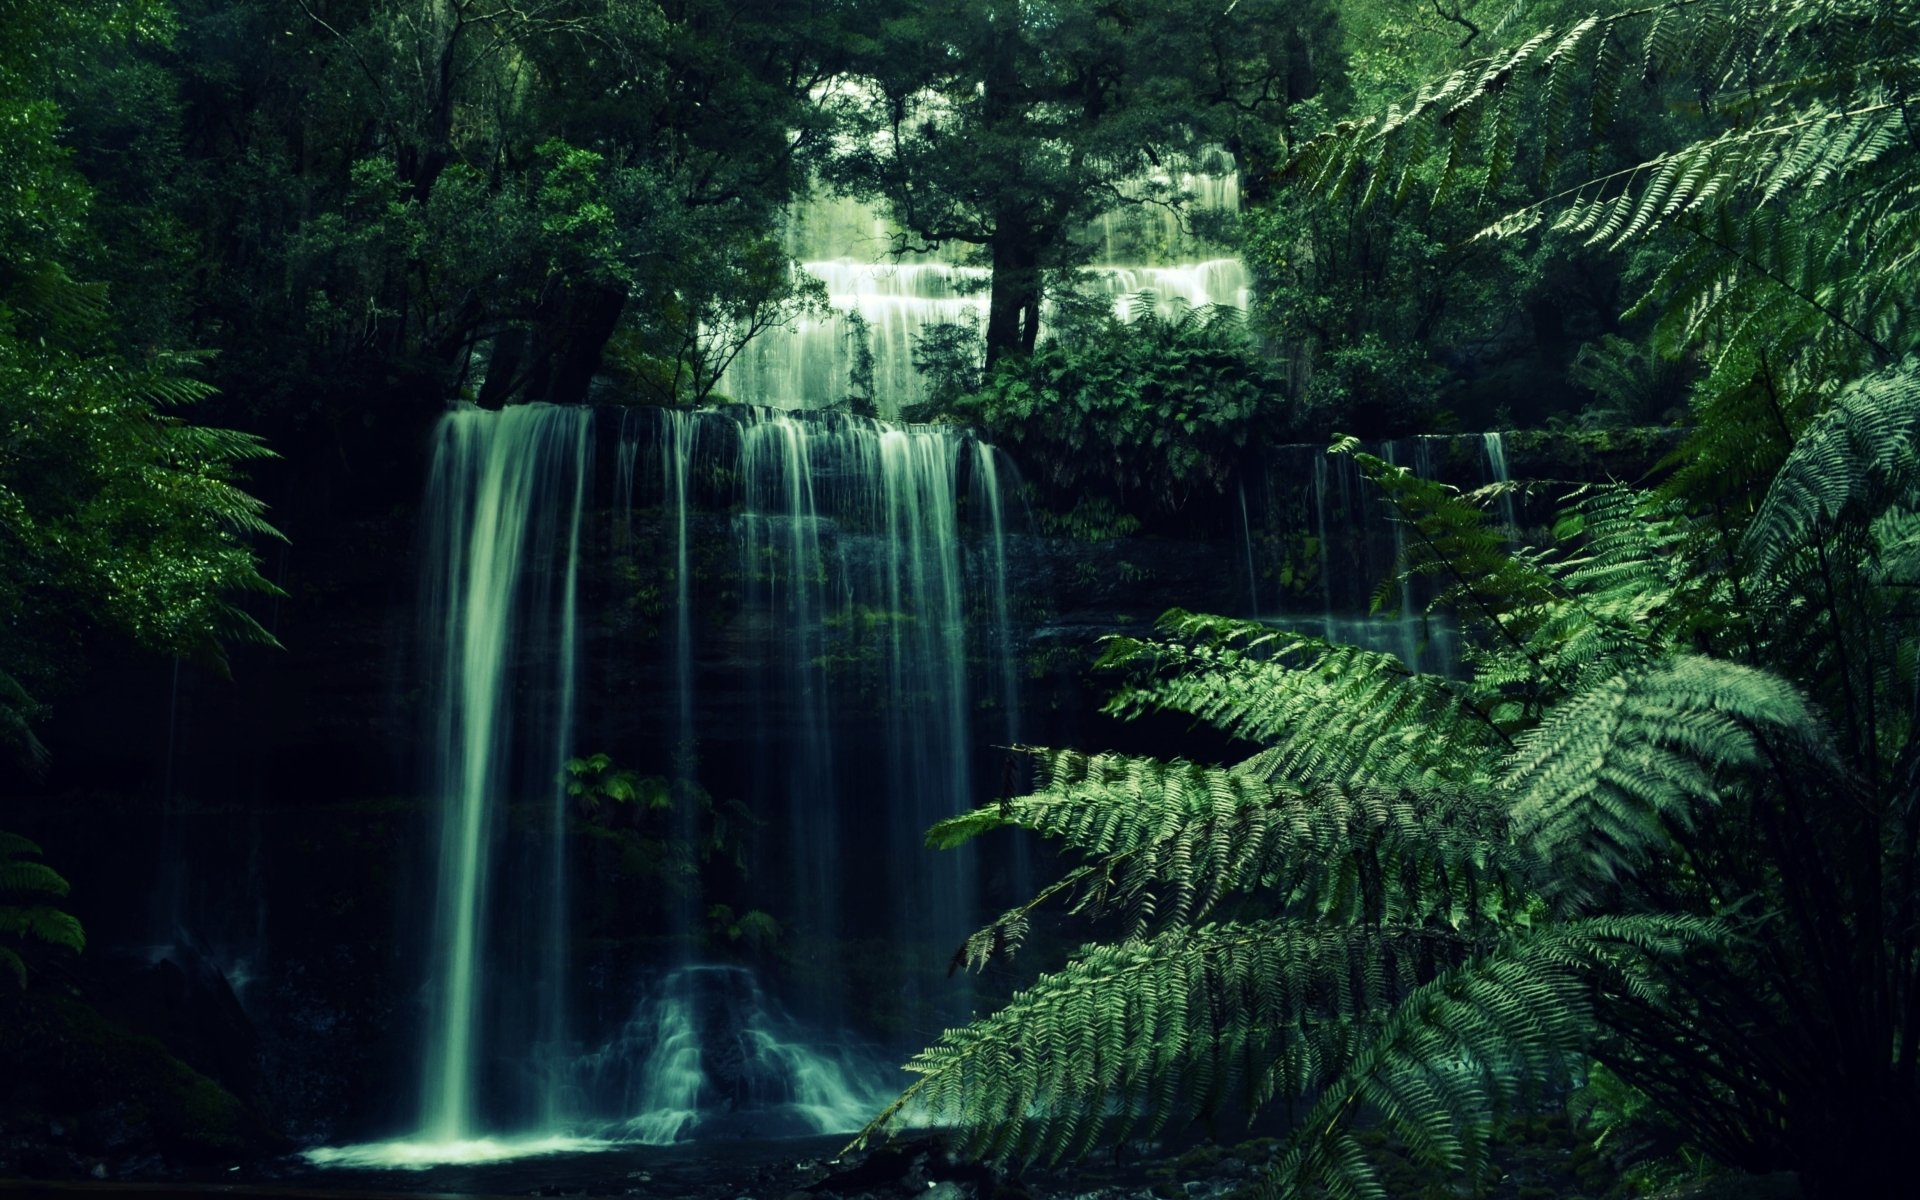 Mystic Falls Wallpaper Waterfall Hd Wallpaper Background Image 1920x1200 Id